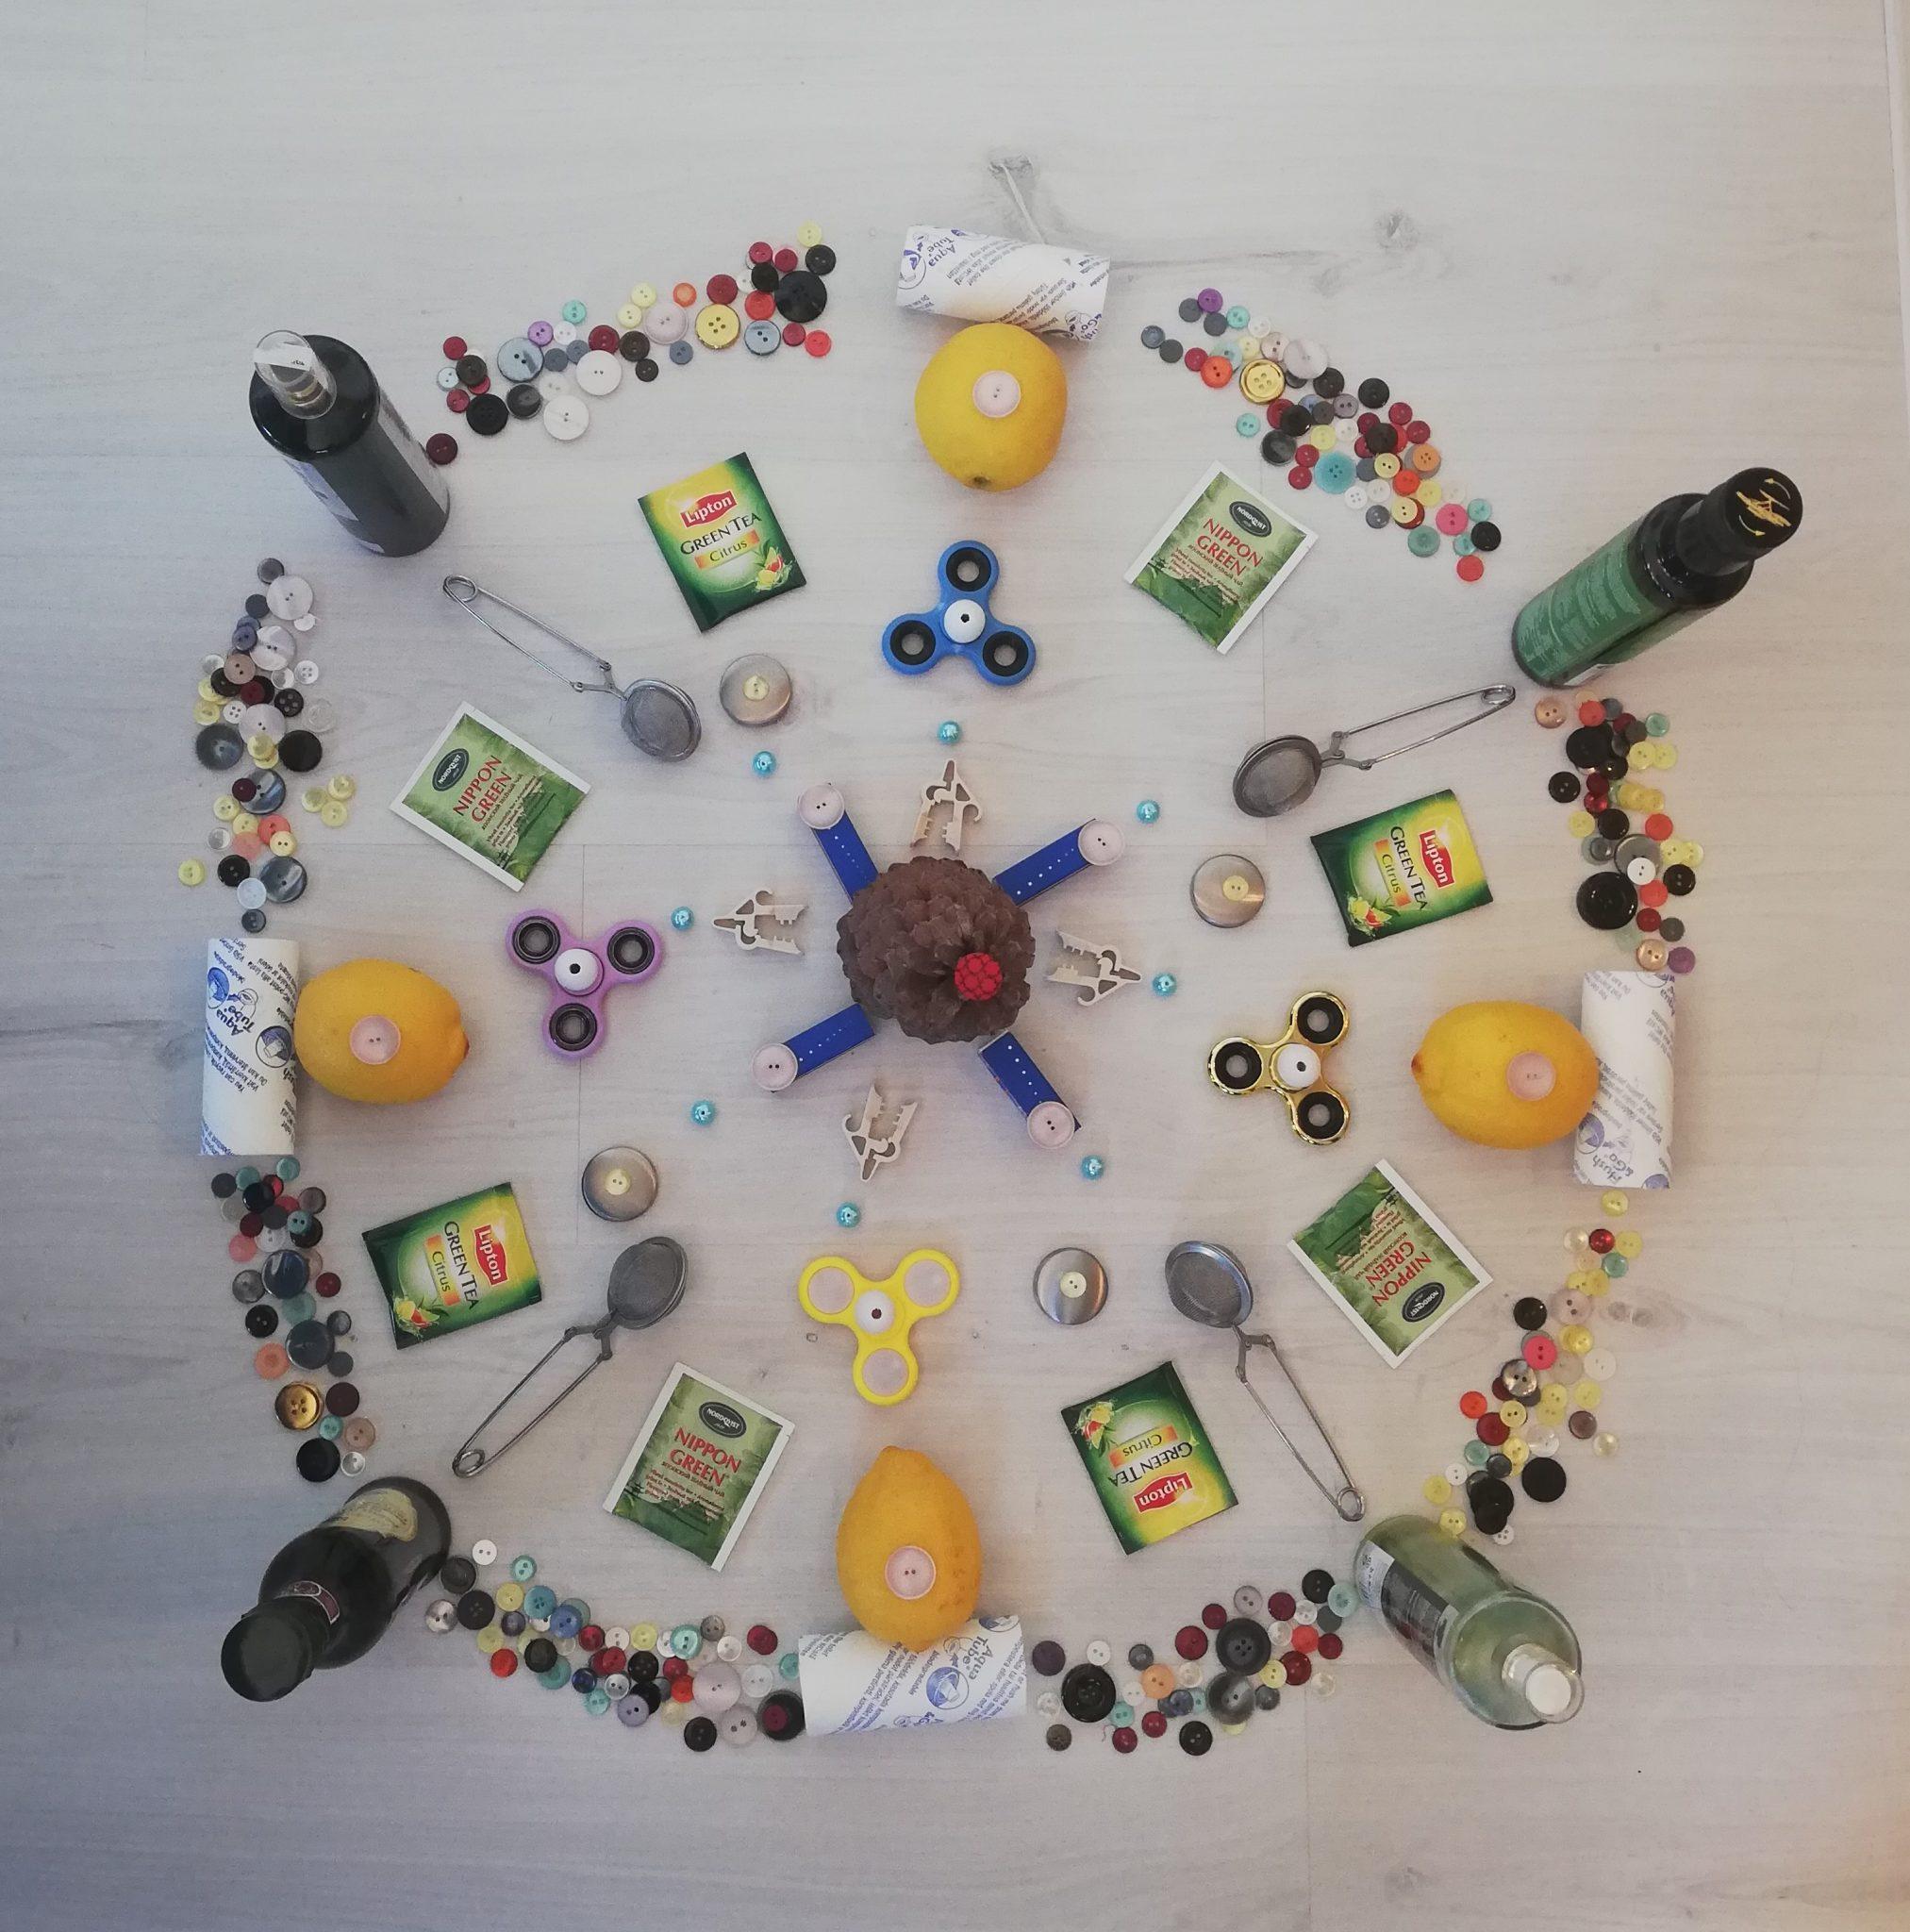 Erinäisistä tarvikkeista, kuten napeista, teepusseista ja pulloista tehty ympyrä.